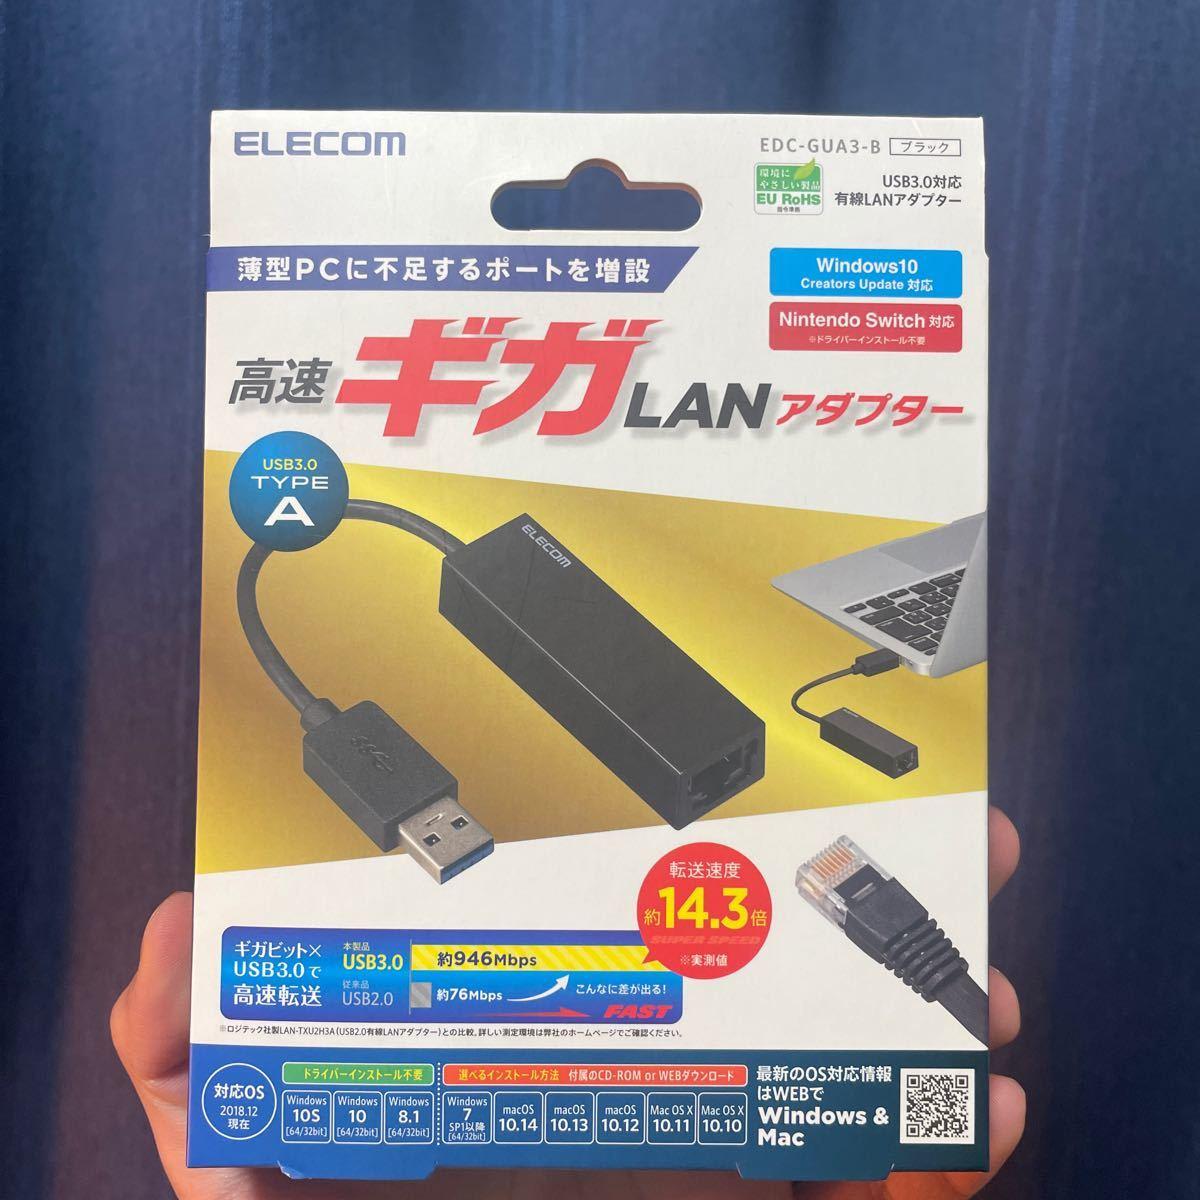 USB3.0 ギガビットLANアダプター EDC-GUA3-B (ブラック)